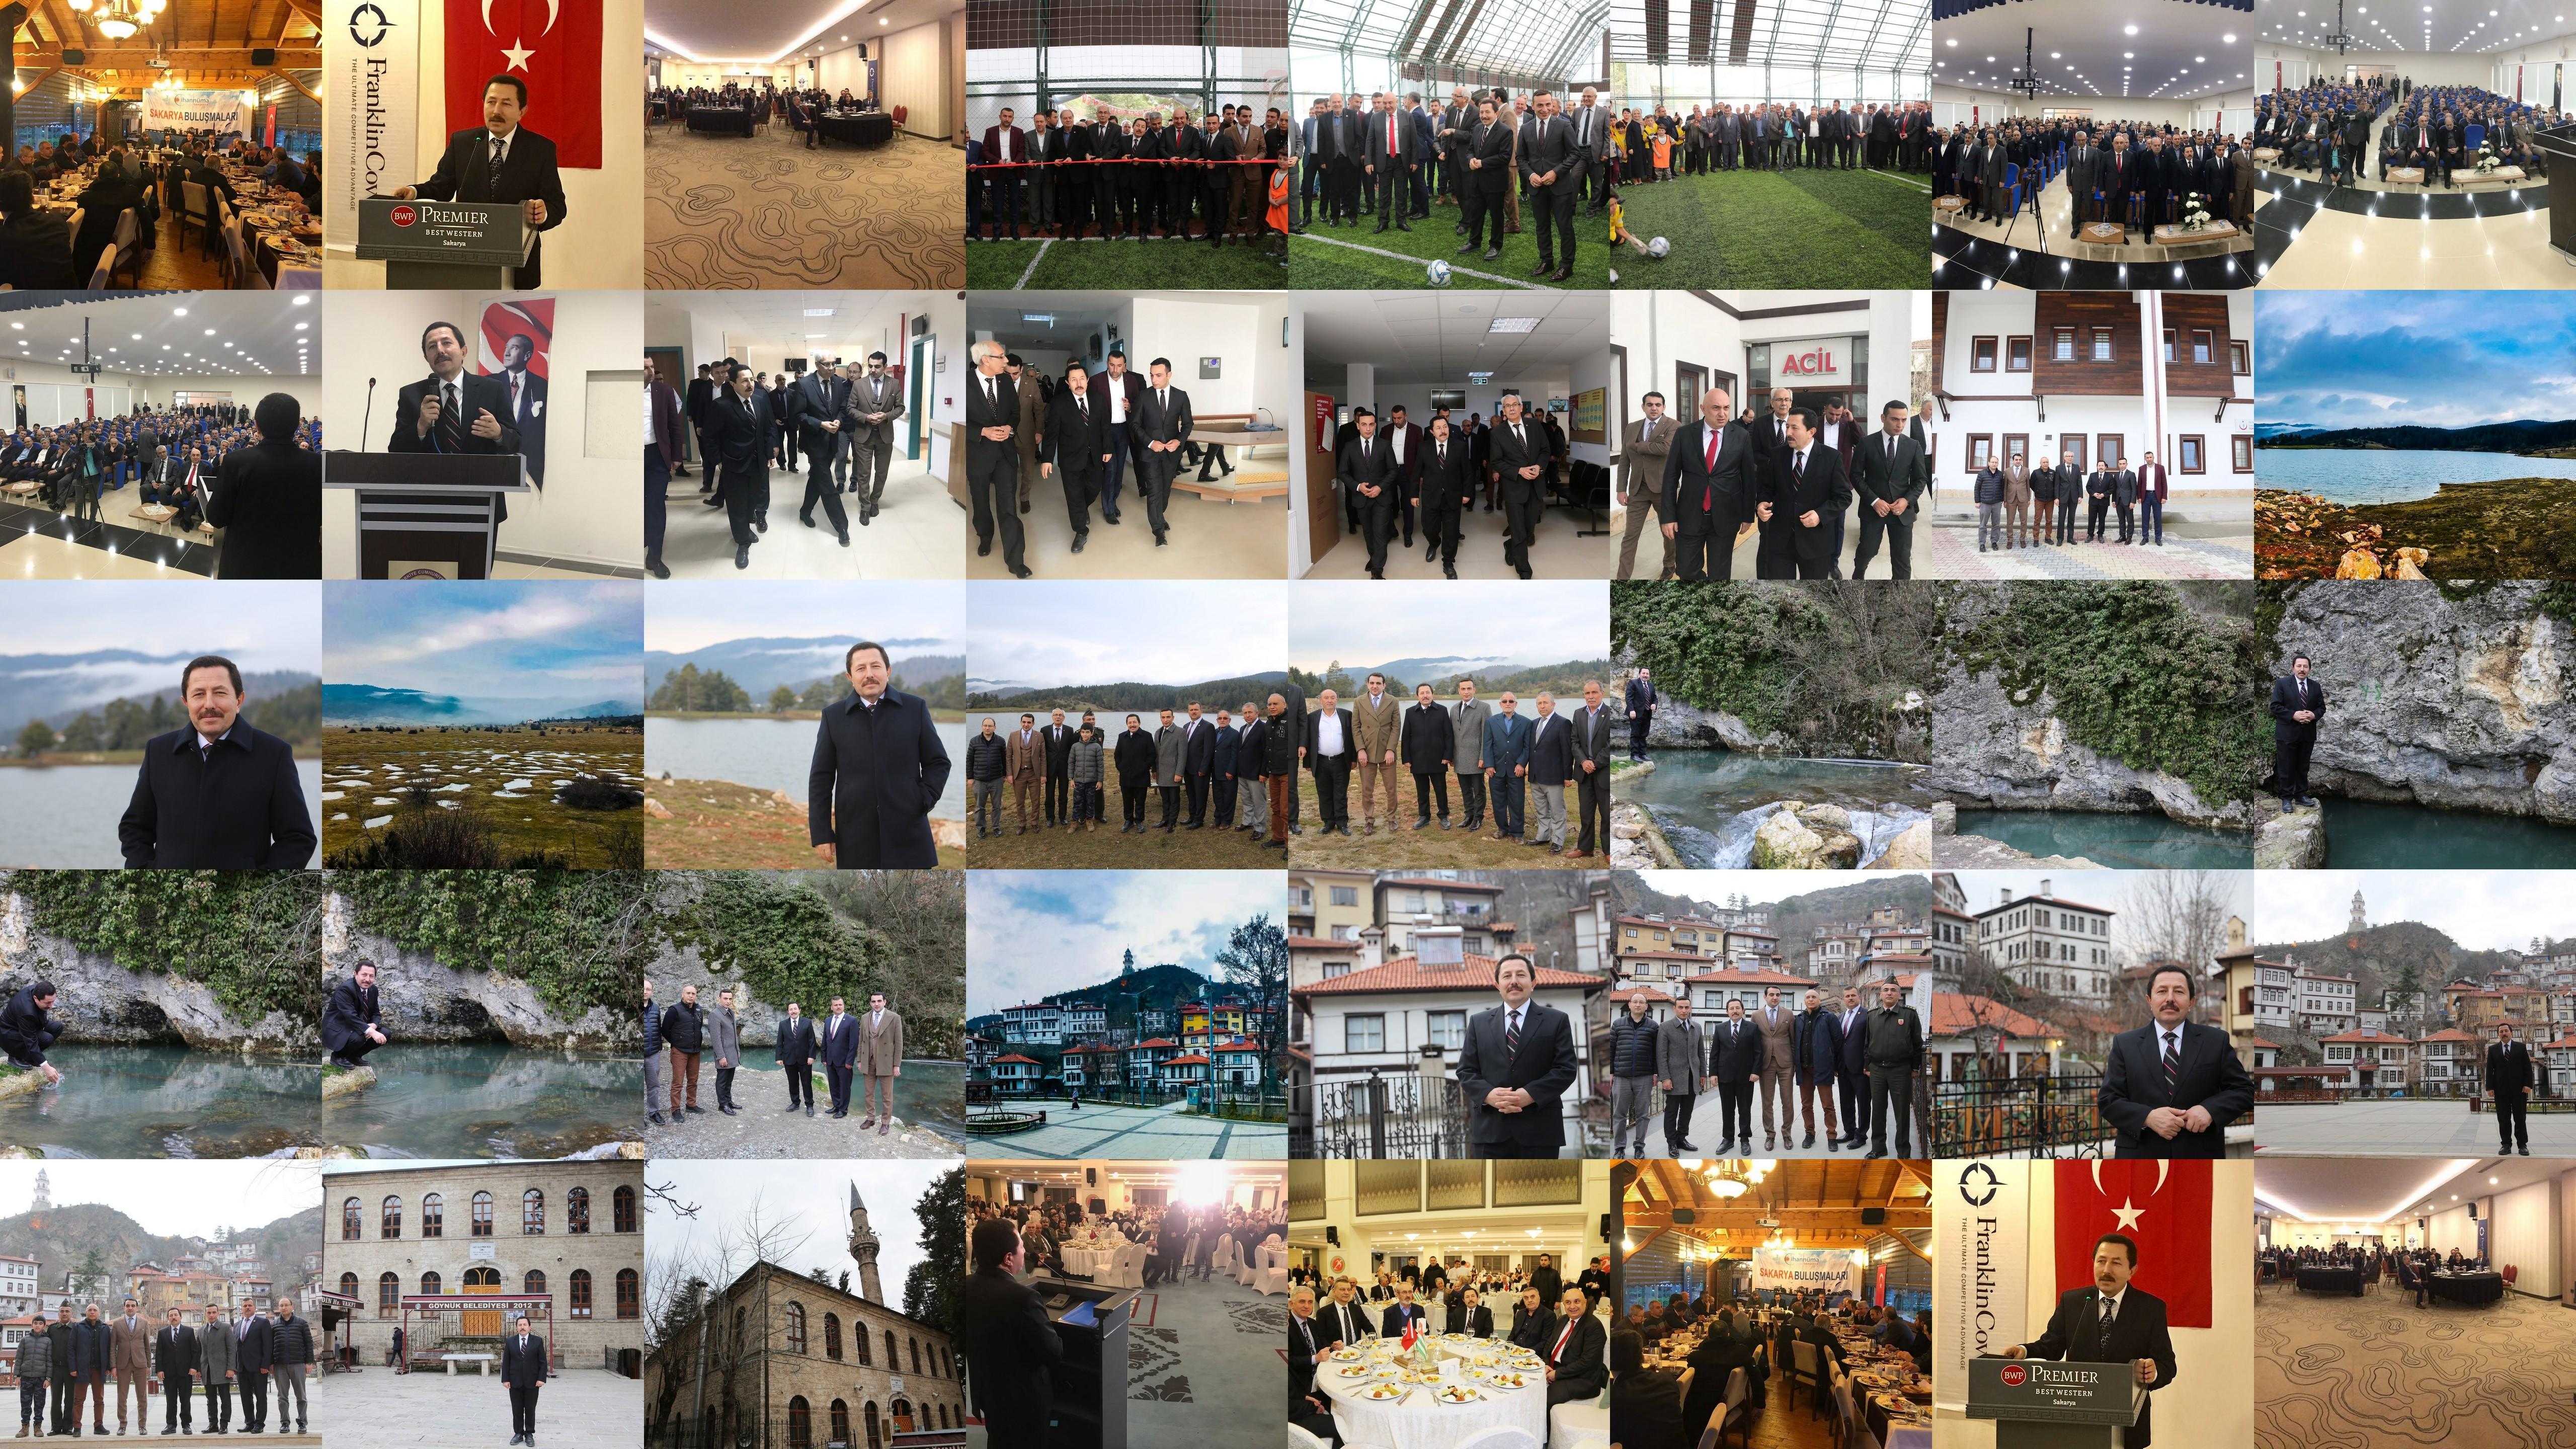 Vali Balkanlıoğlu'nun Hafta Sonu yoğunluğu